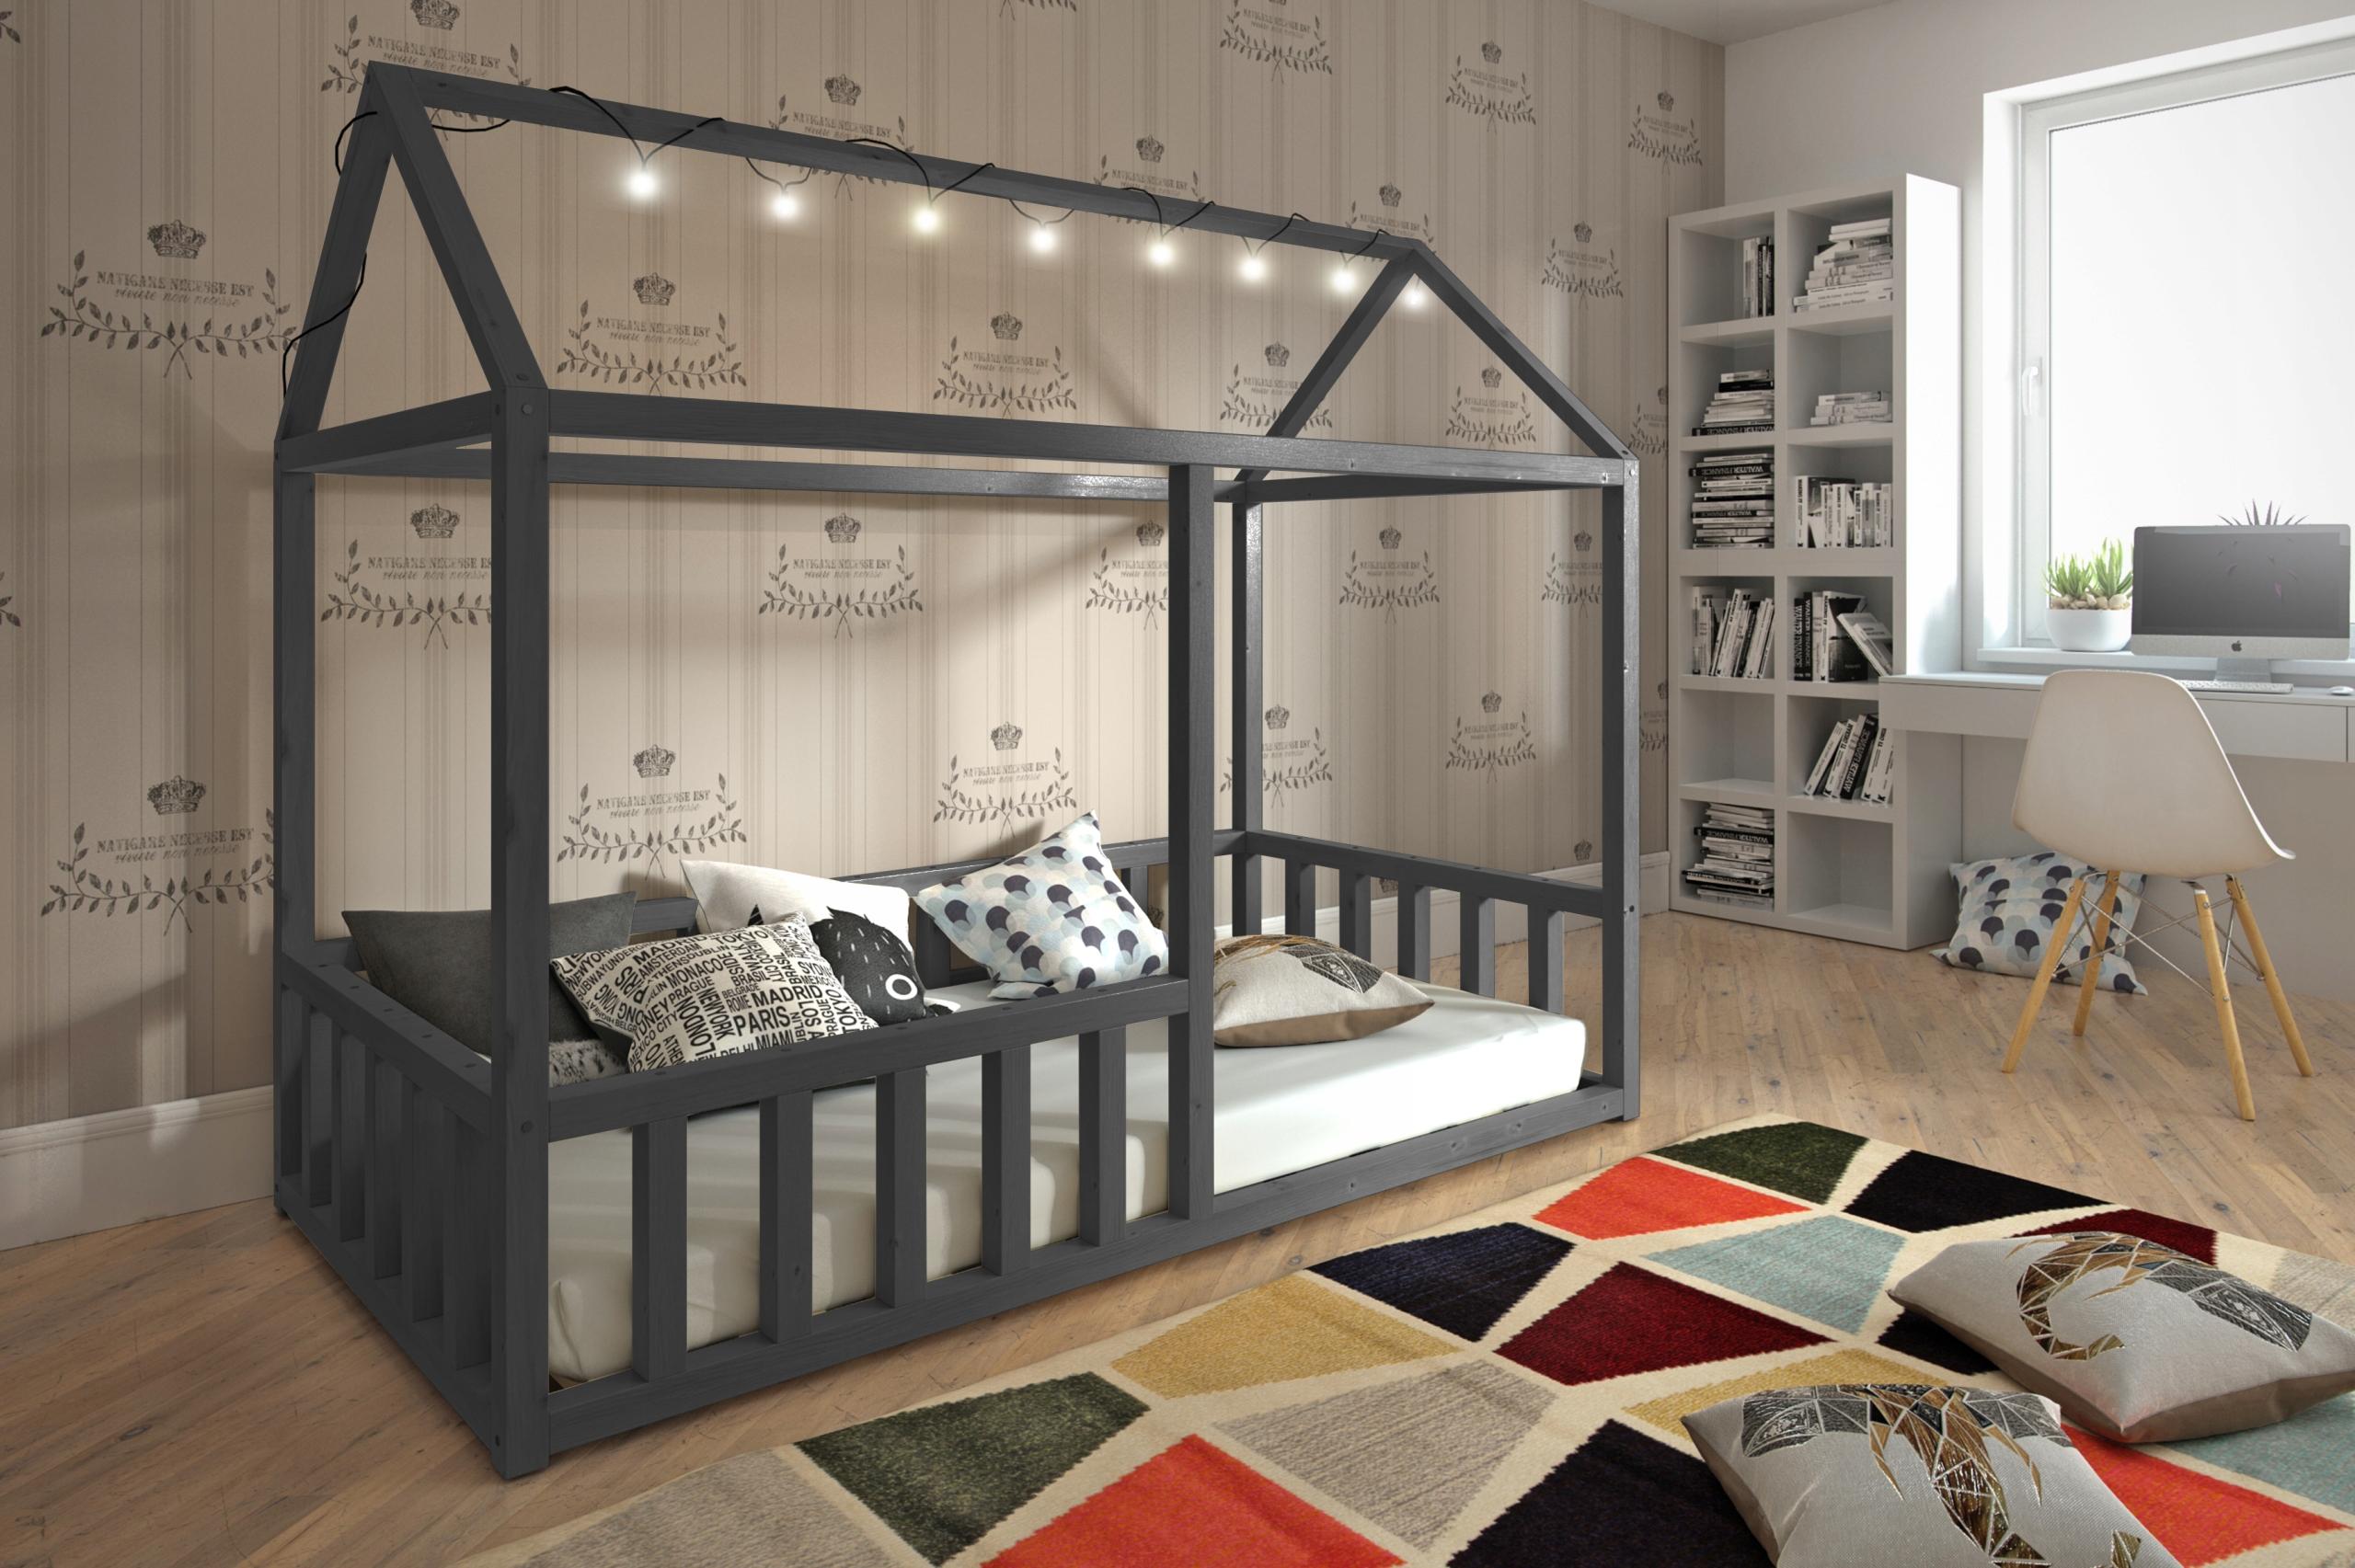 Łóżko/łóżeczko''DOMEK''160x80 parterowe- grafitowy